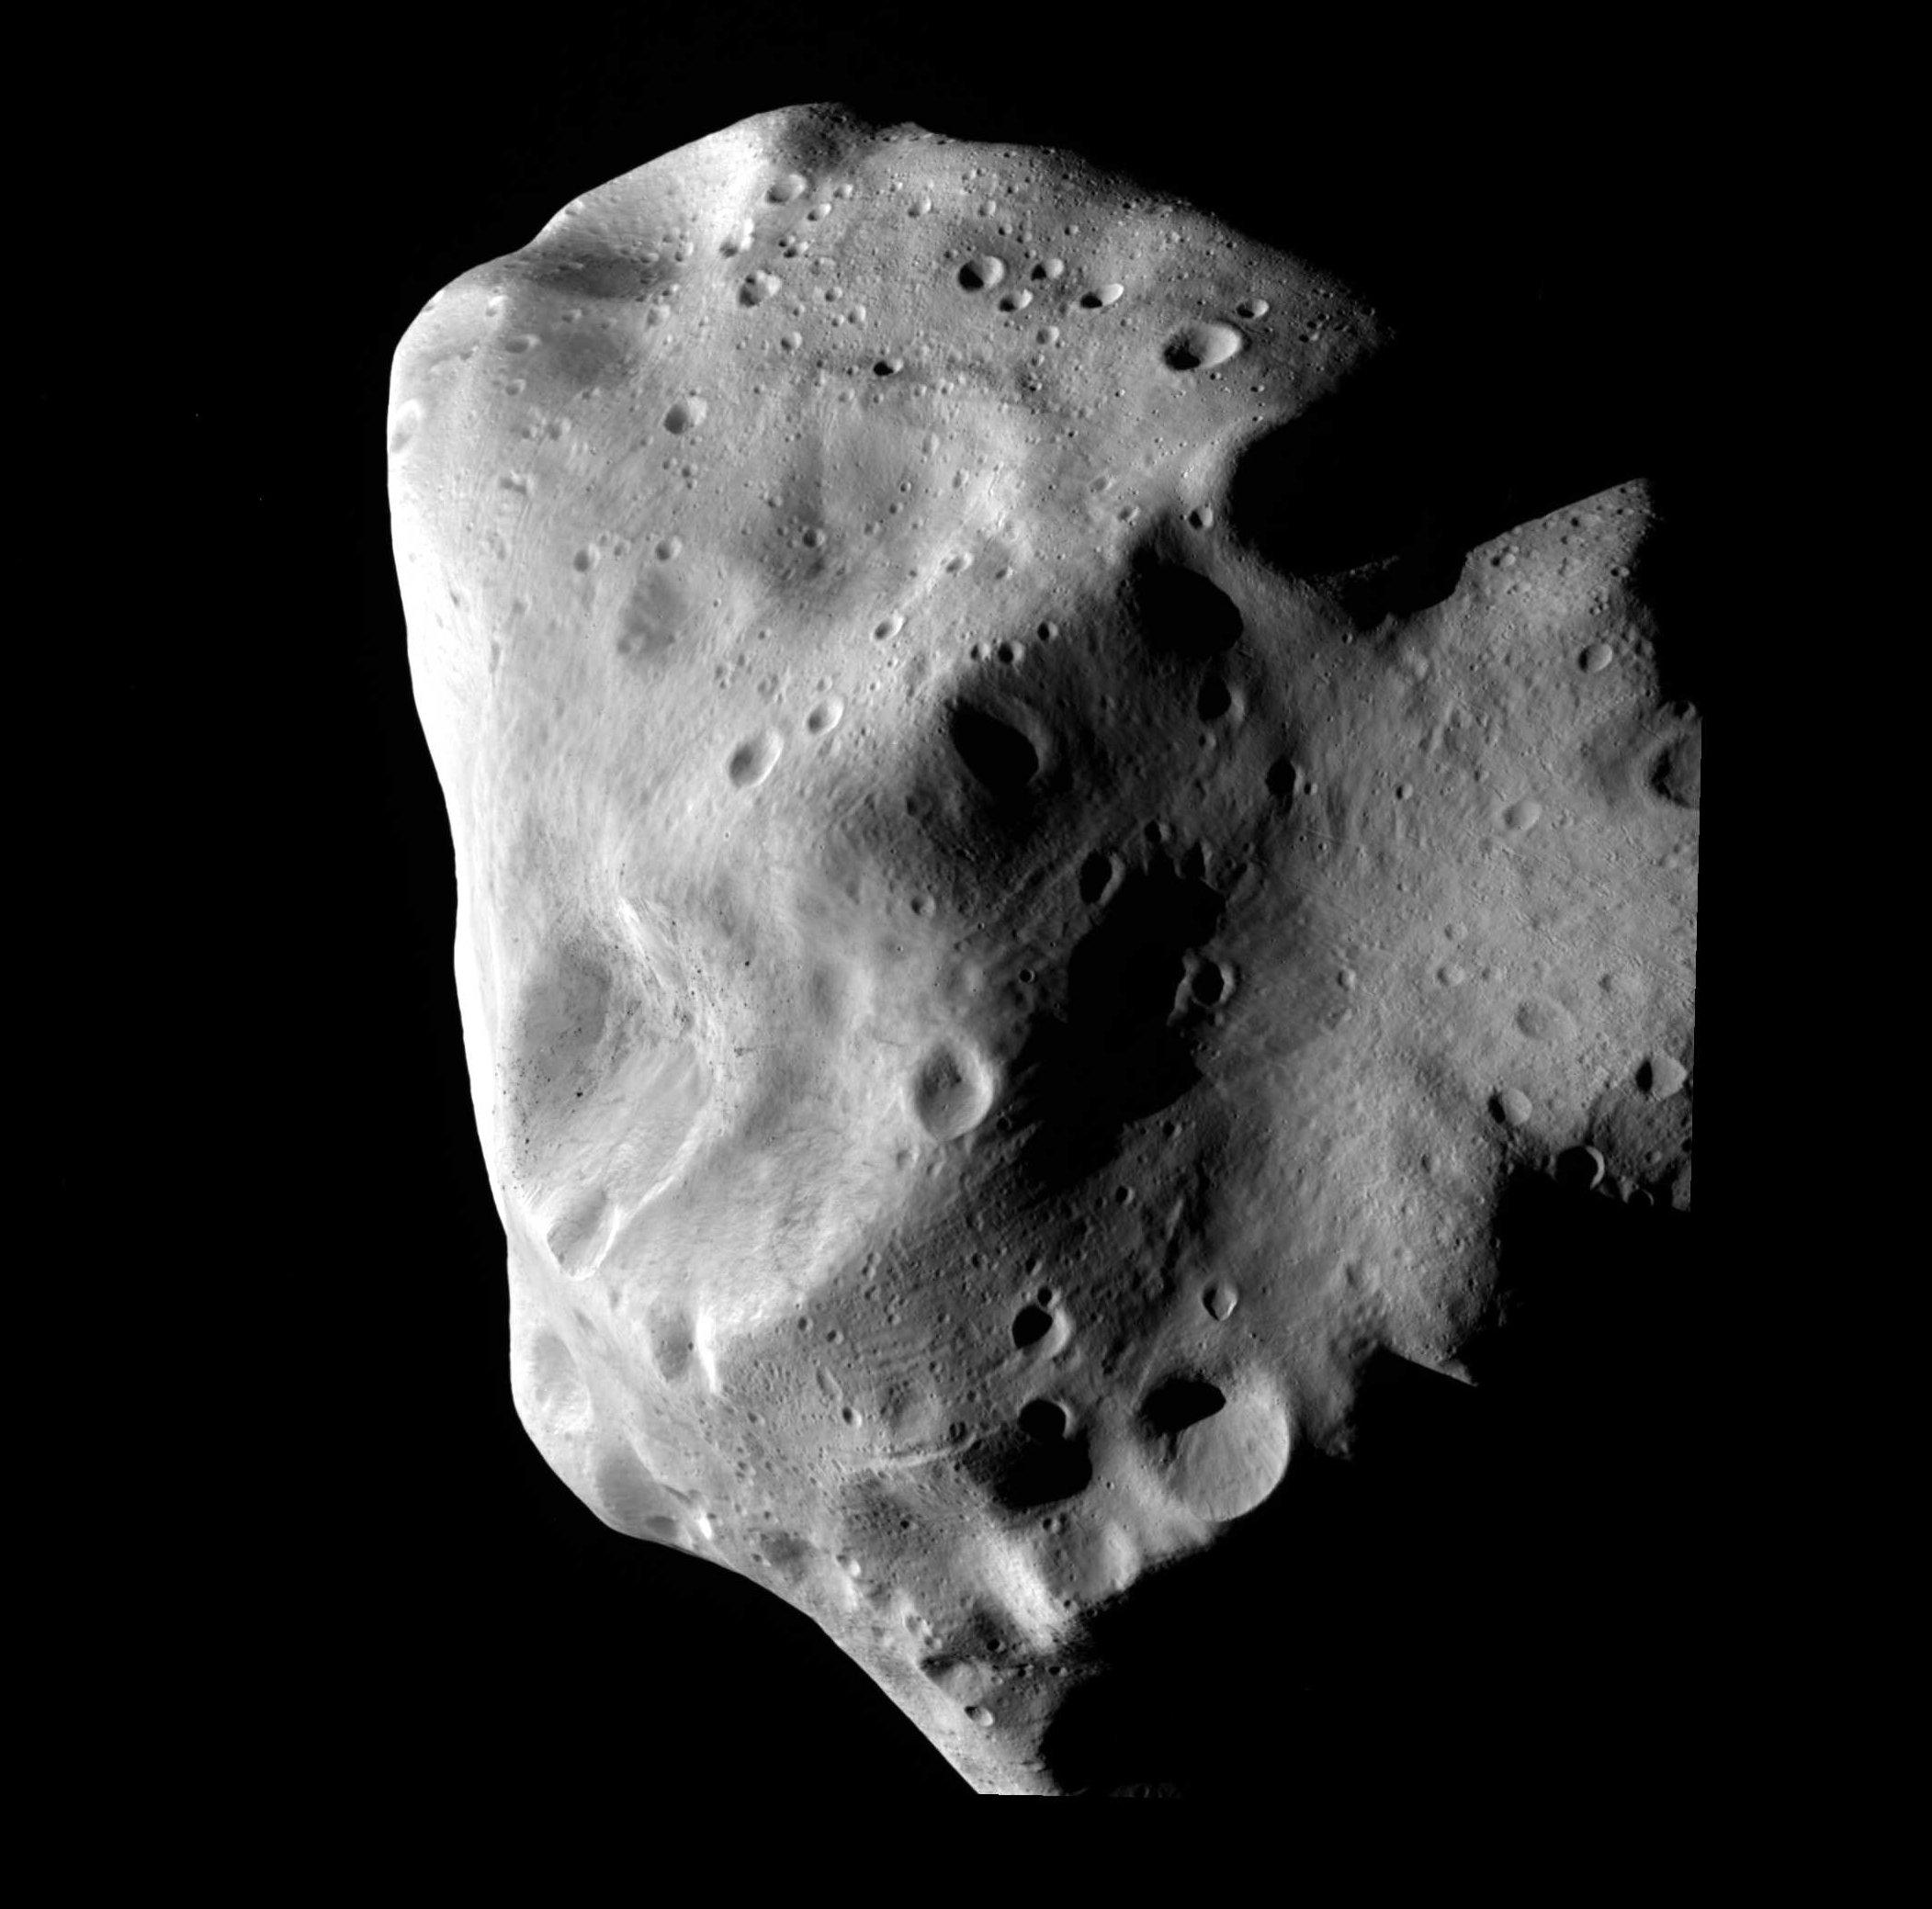 ESO image of asteroid Lutetia, via wikipedia